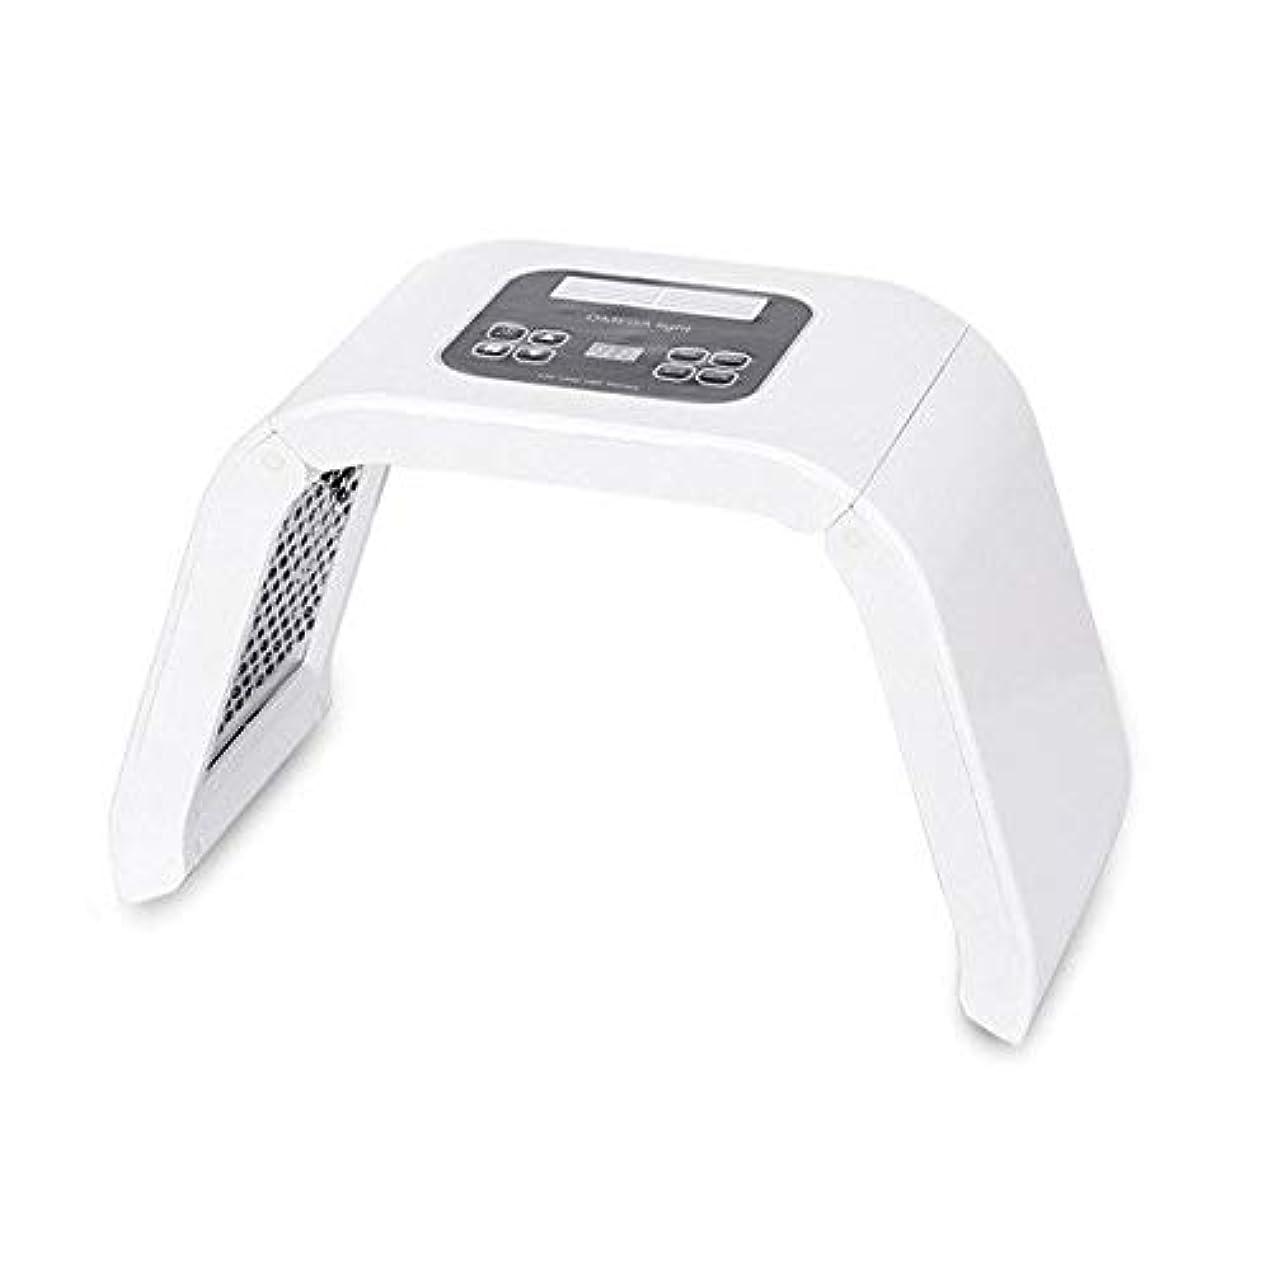 LED美顔器 シワ 業務用 家庭用 7色 10パターン たるみ ほうれい線 美肌 ニキビ対策 コラーゲン生成 美白 エイジングケア